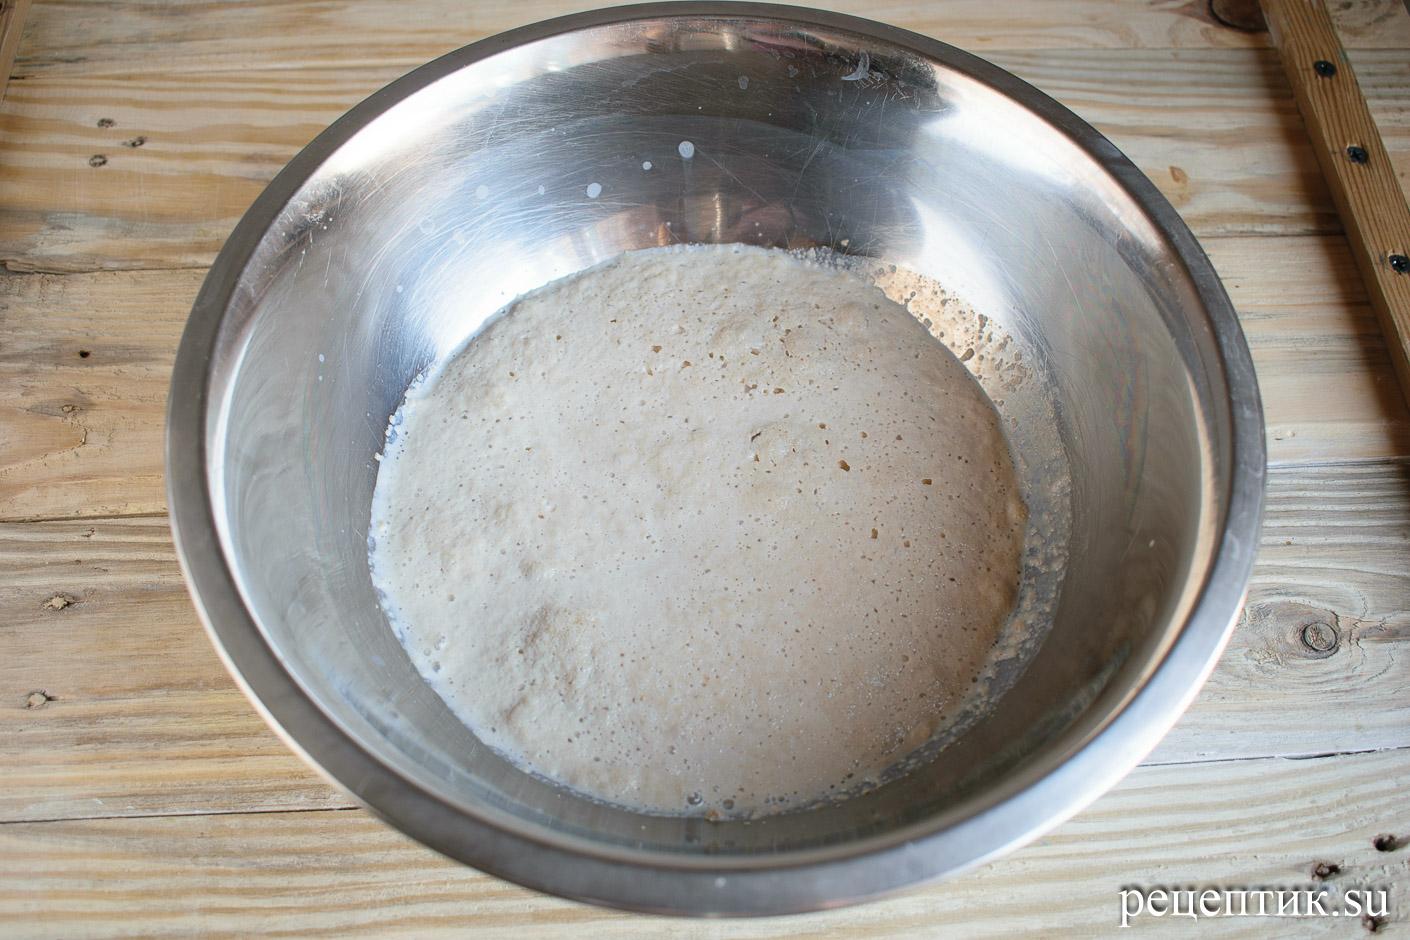 Дрожжевые пирожки со сливами в духовке - рецепт с фото, шаг 1